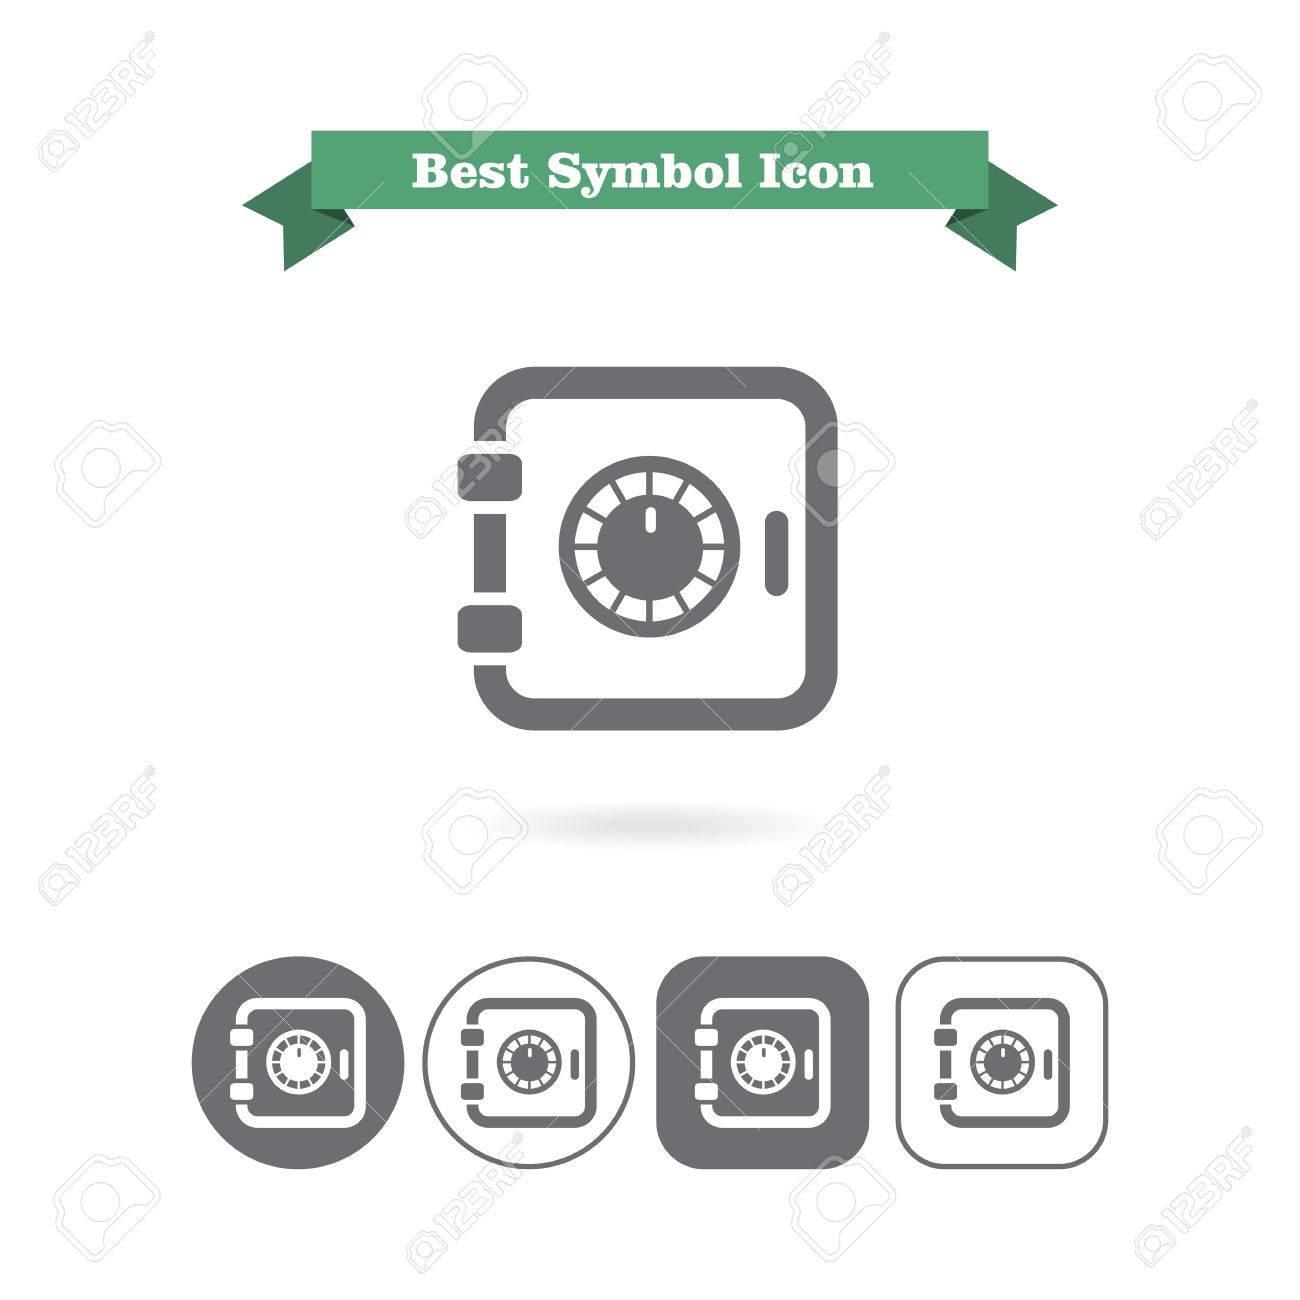 セーフ ボックス アイコンのイラスト素材ベクタ Image 41573415